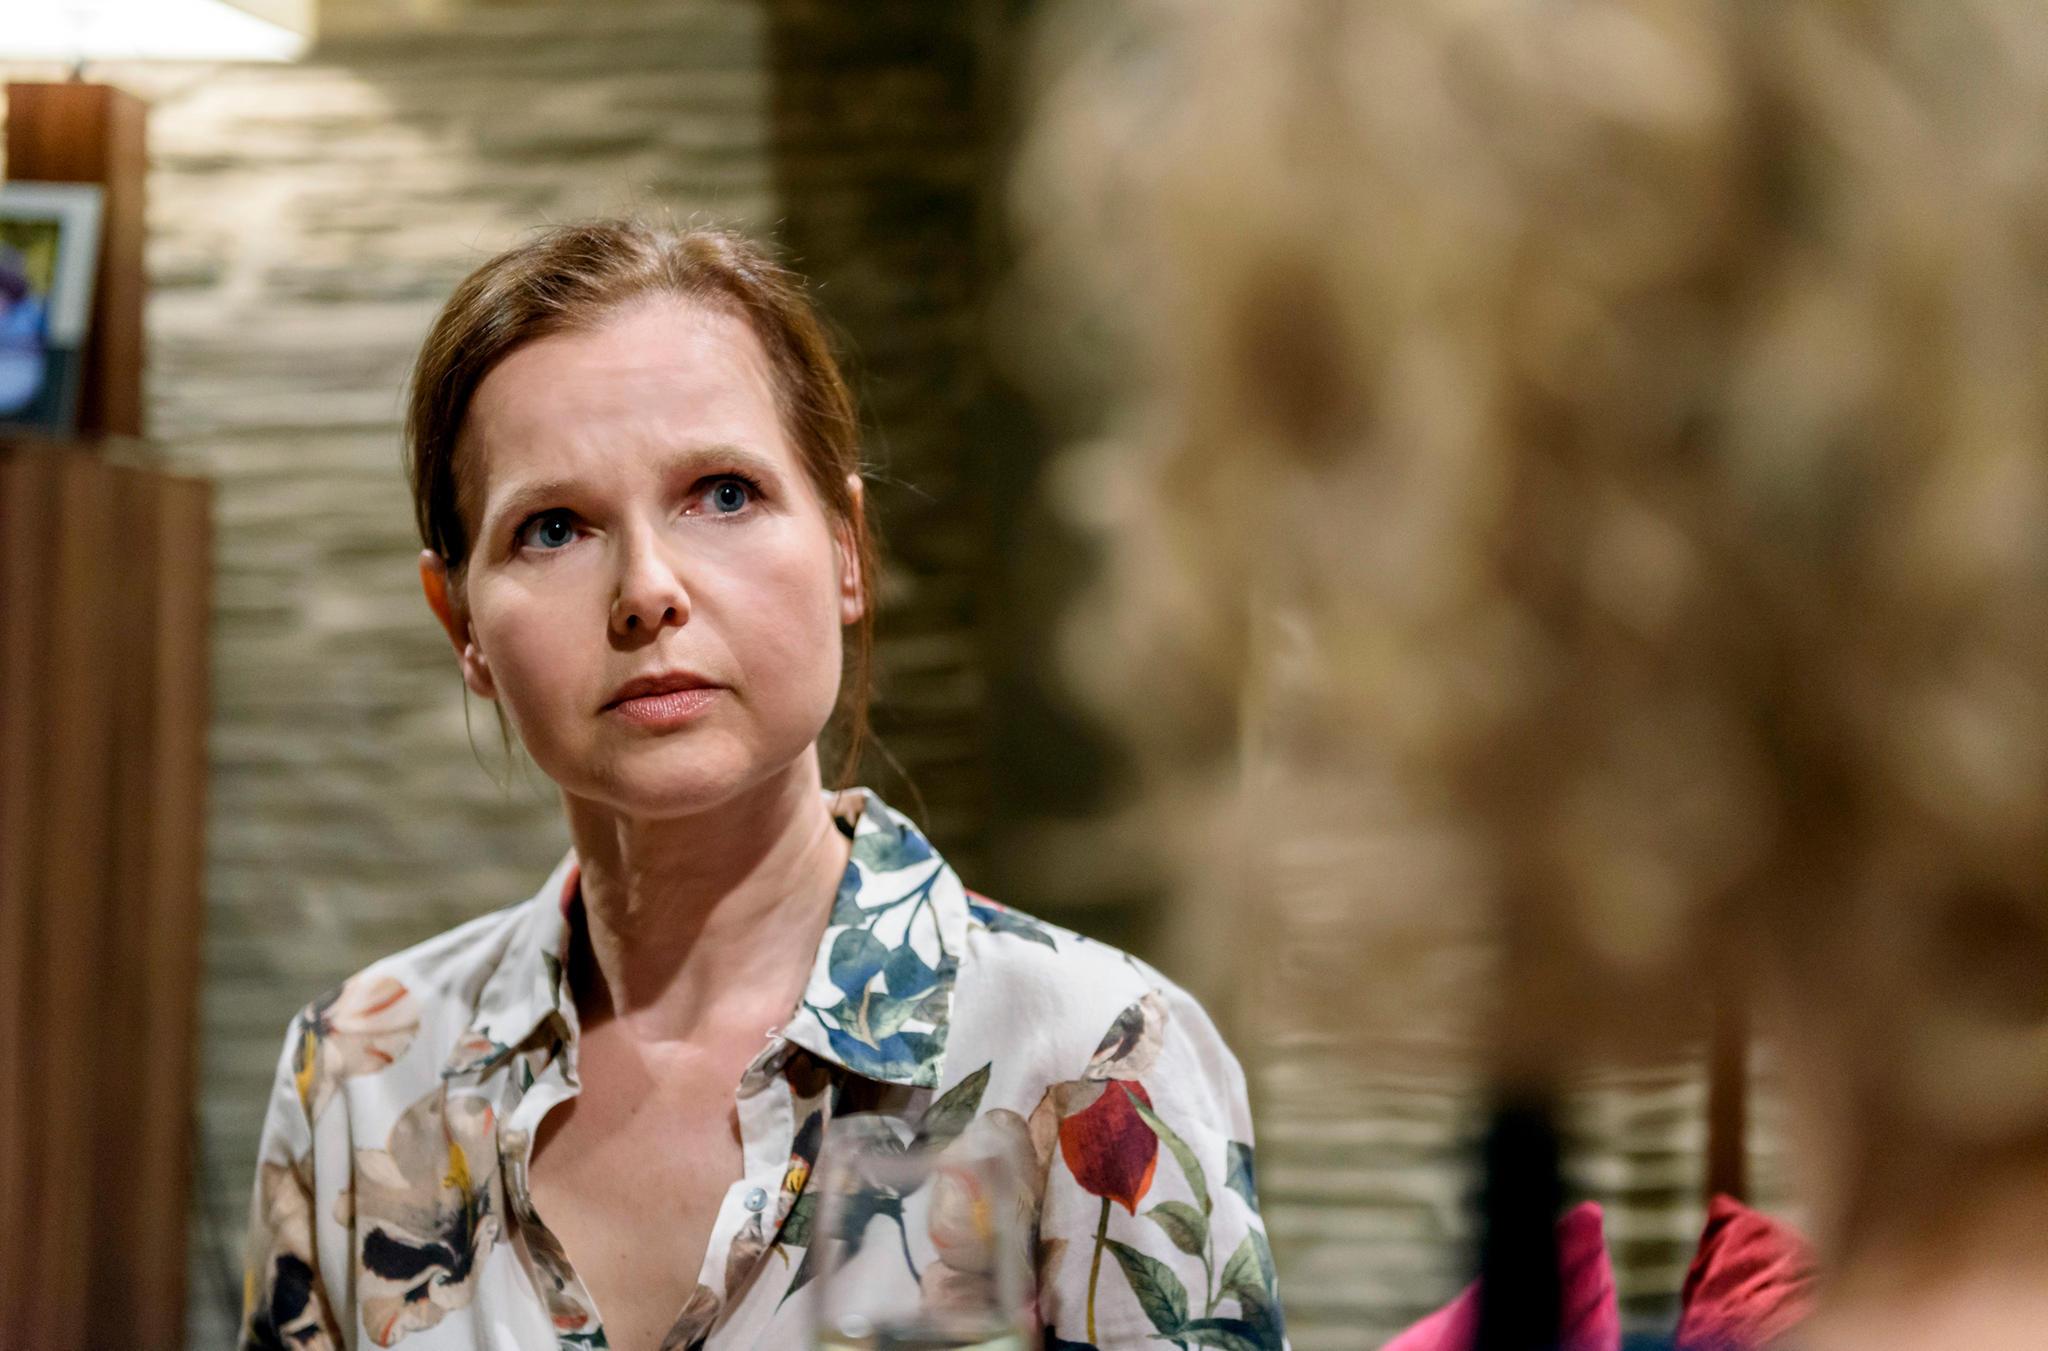 Melli Konopka, dargestellt von Schauspielerin Bojana Golenac, verabschiedet sich vom Fürstenhof